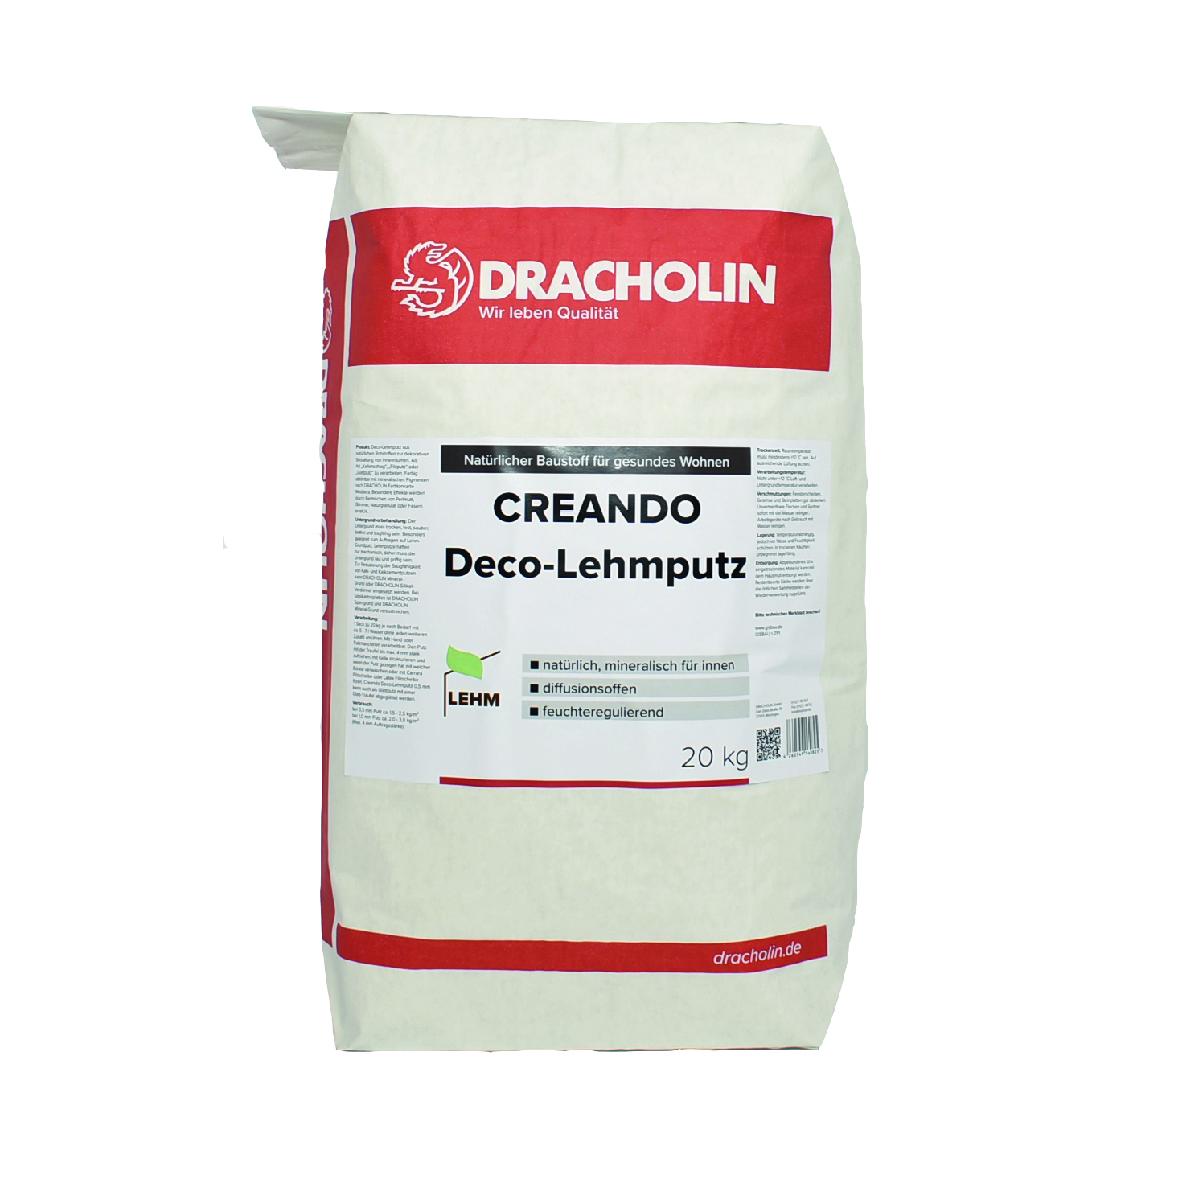 Dracholin CREANDO Lehmputz